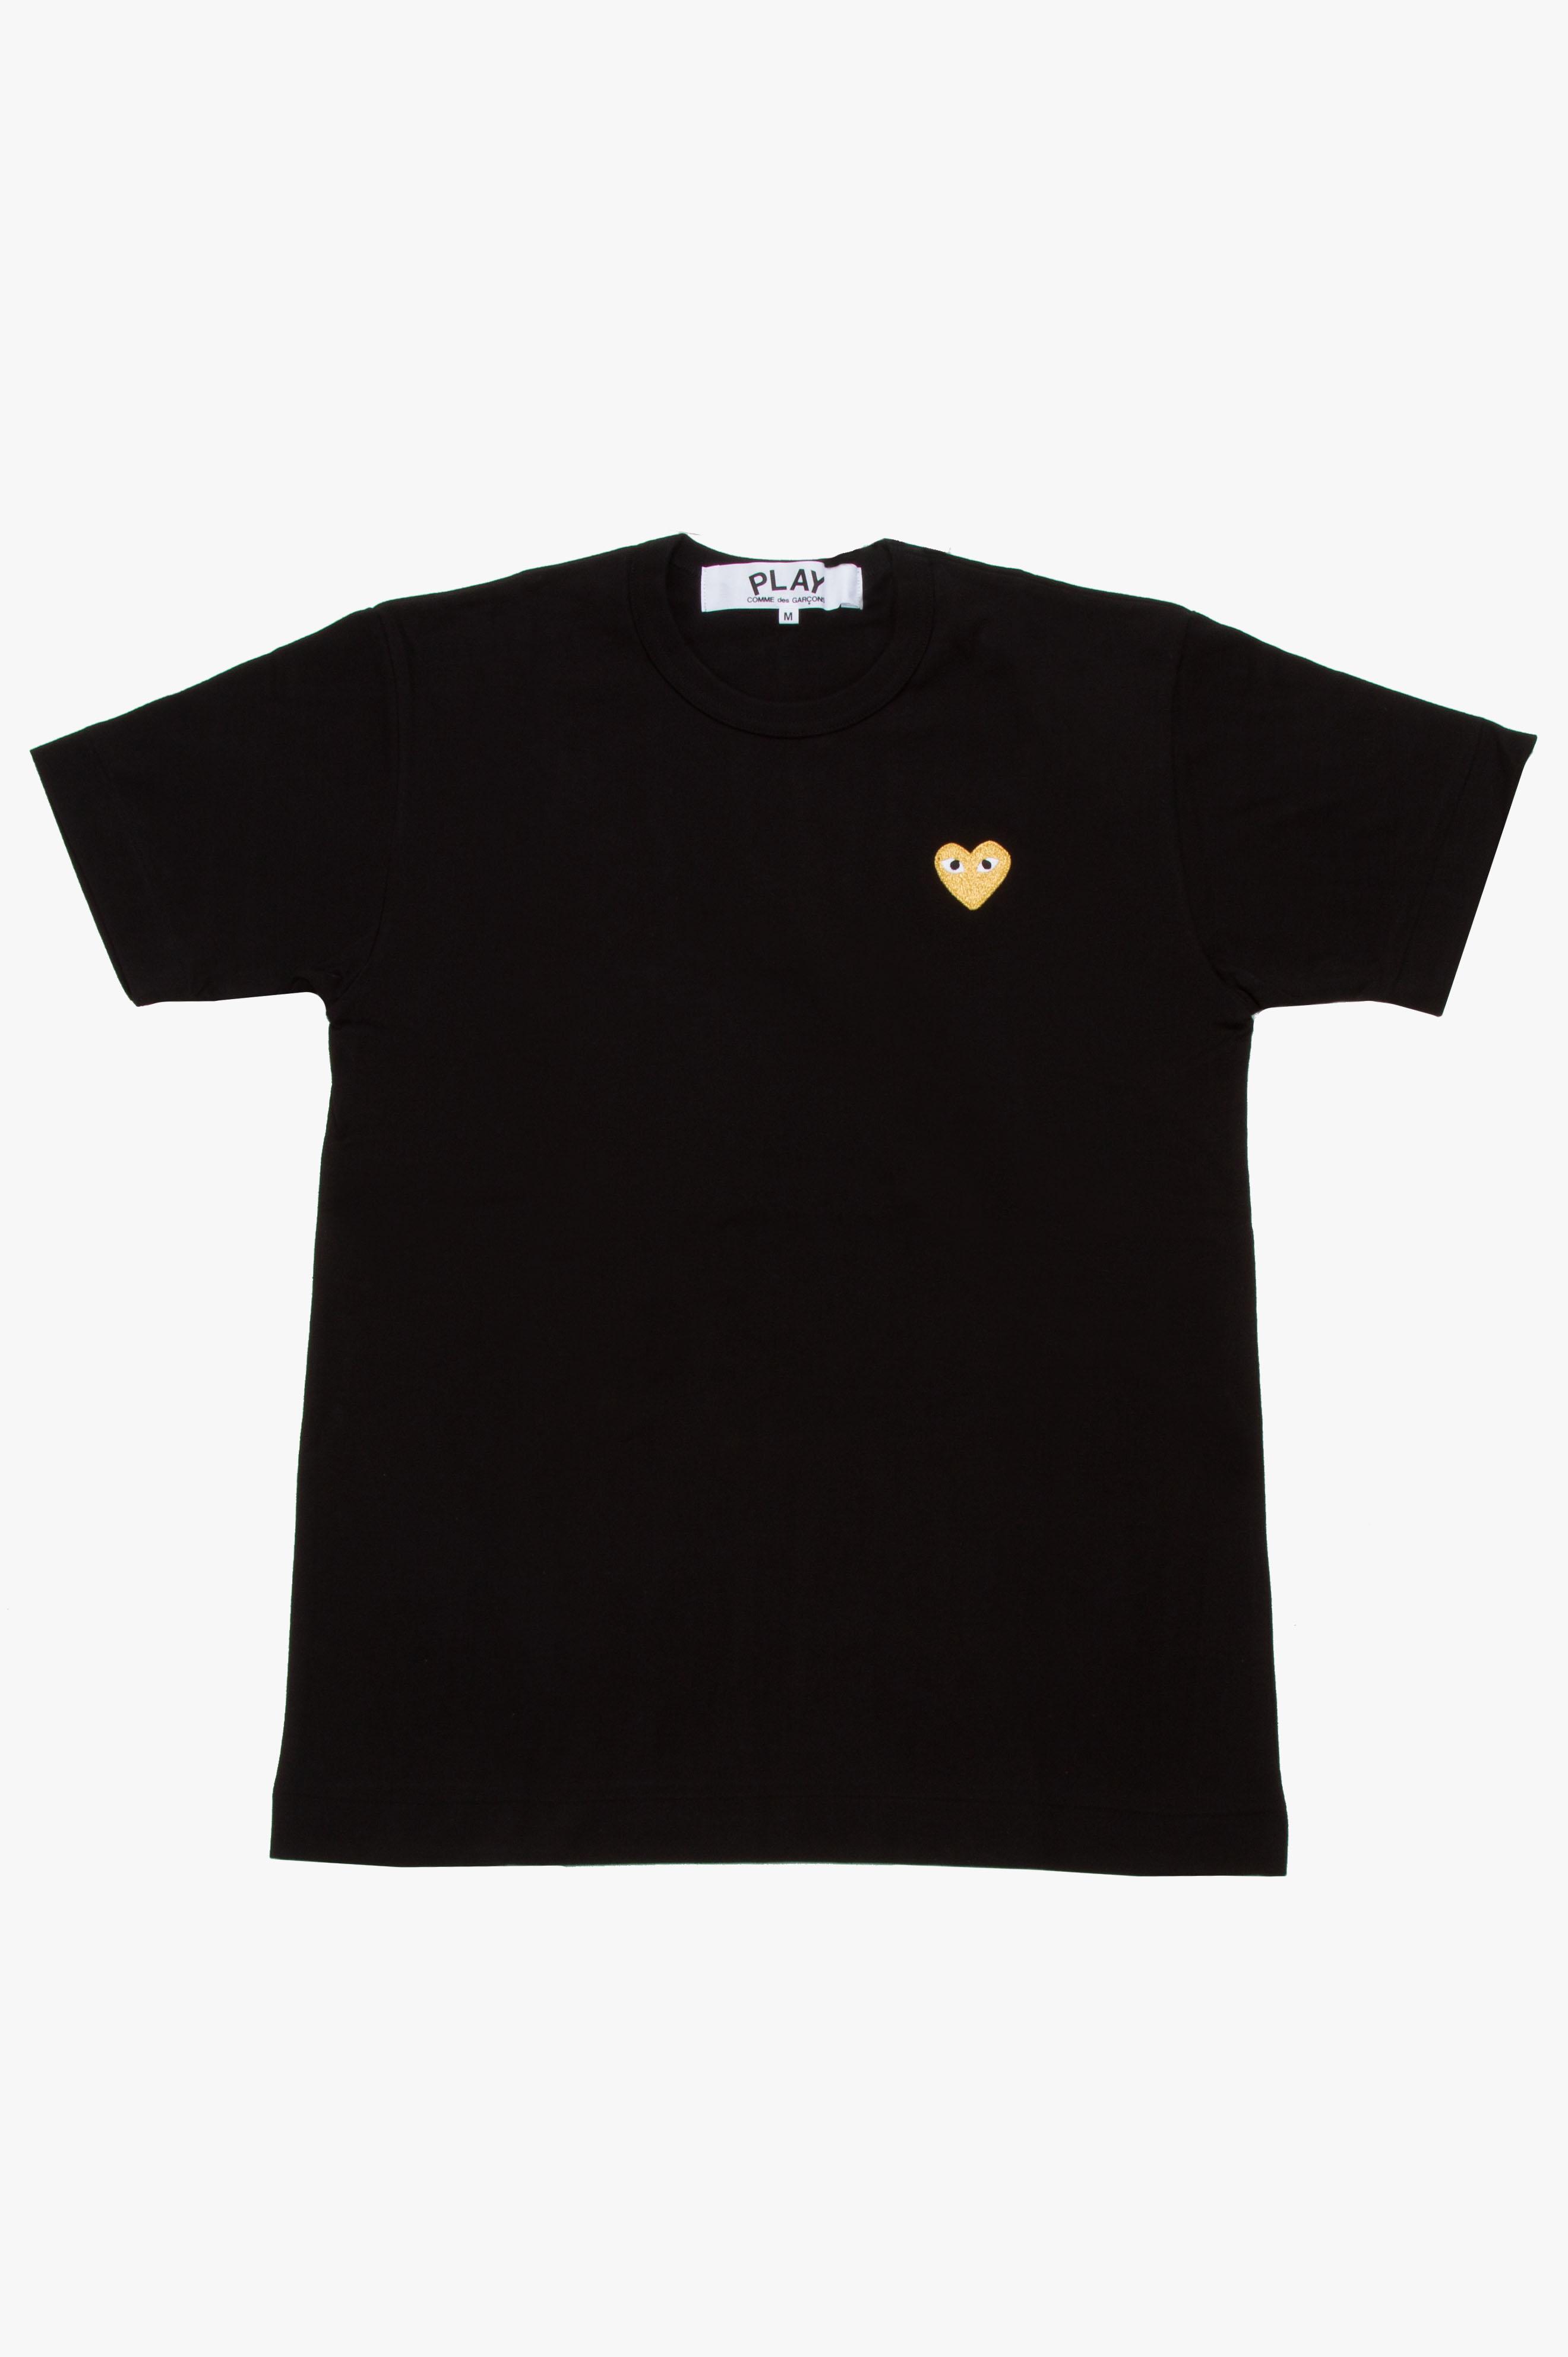 Gold Heart T-Shirt Black